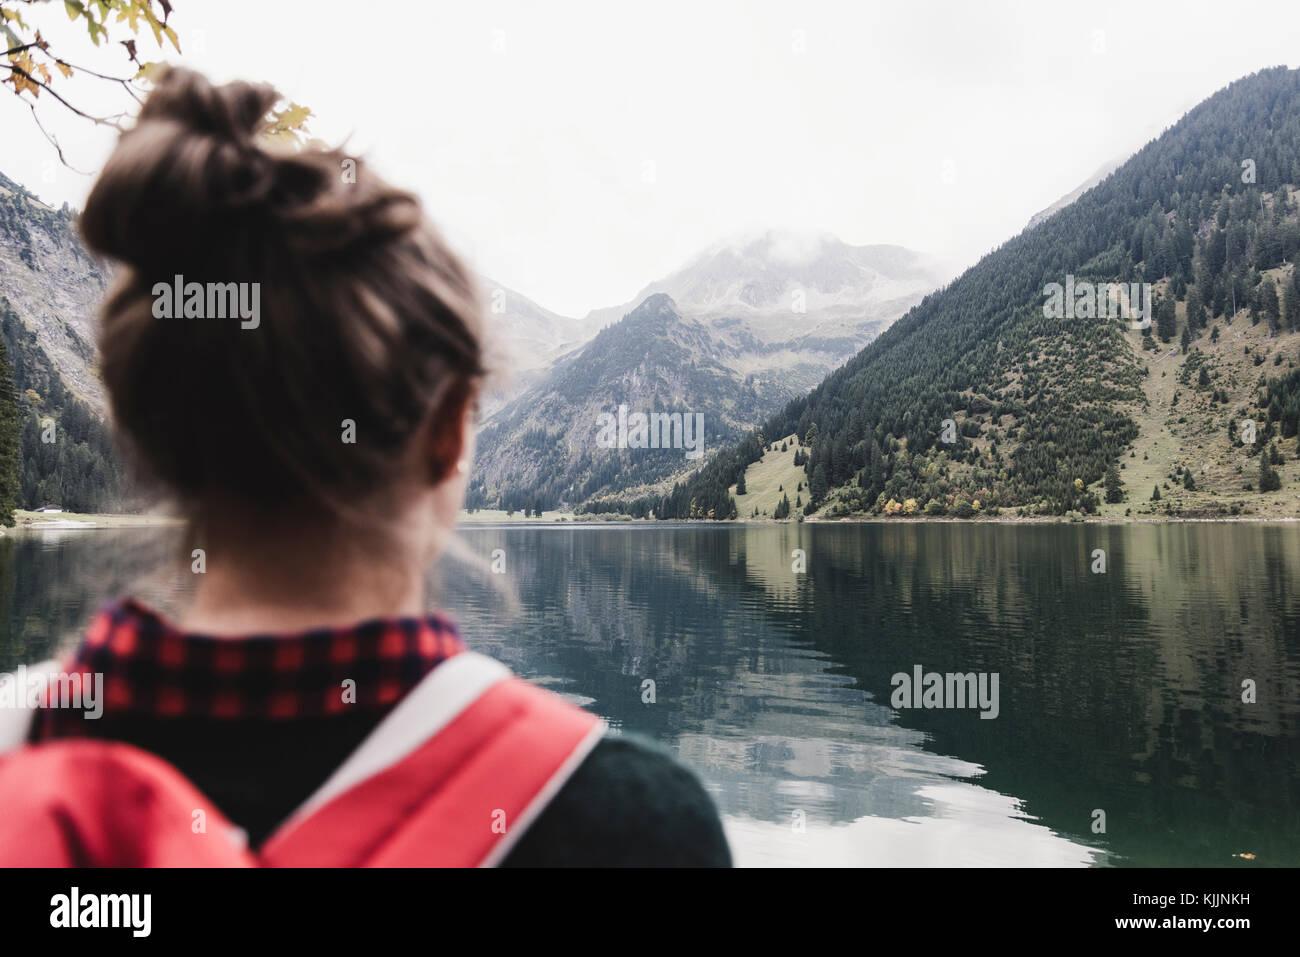 Austria, Tirolo, Alpi, vista posteriore di un escursionista al lago di montagna Immagini Stock